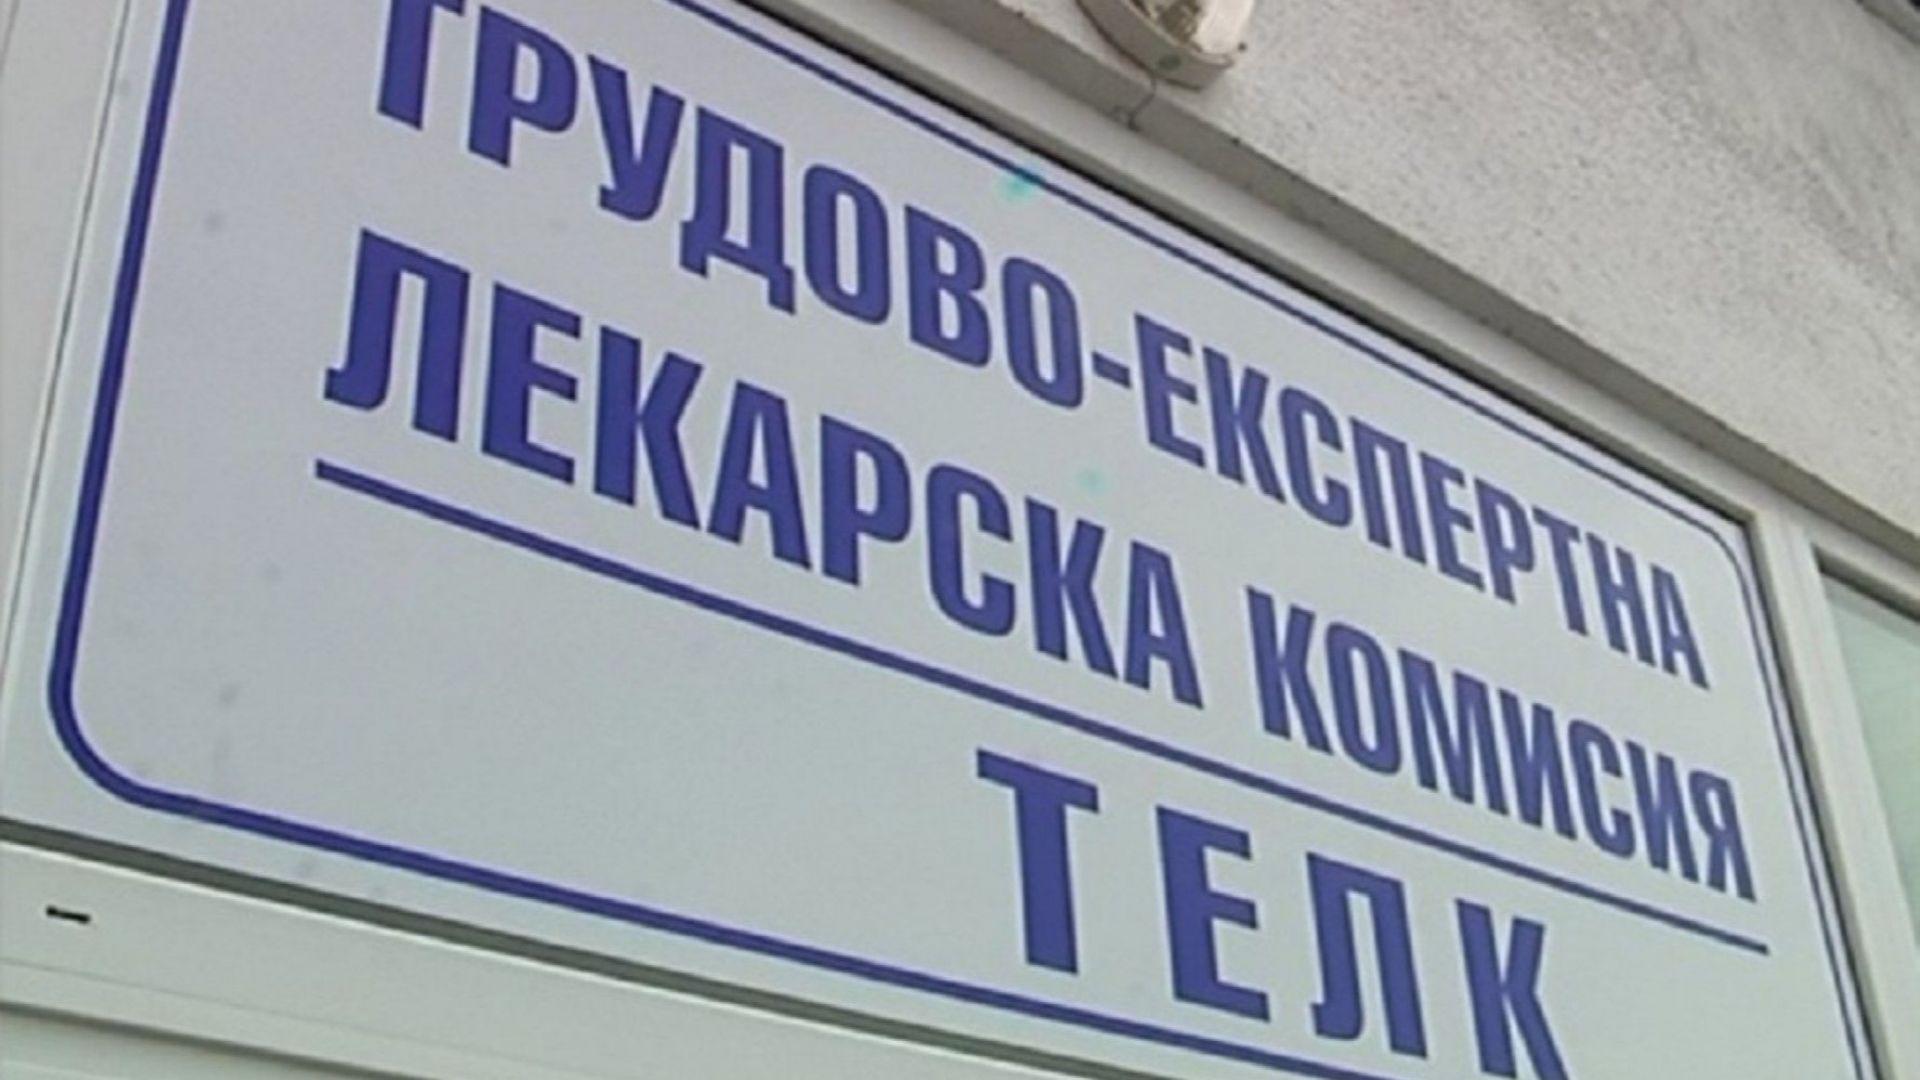 Удължават решенията за ТЕЛК и НЕЛК до 30 юли